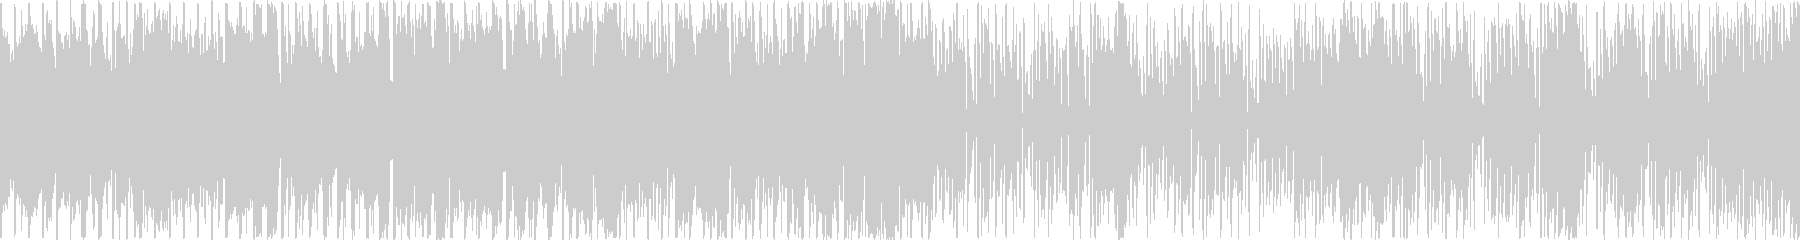 和楽器をフィーチャーしたEDM:ループBの未再生の波形